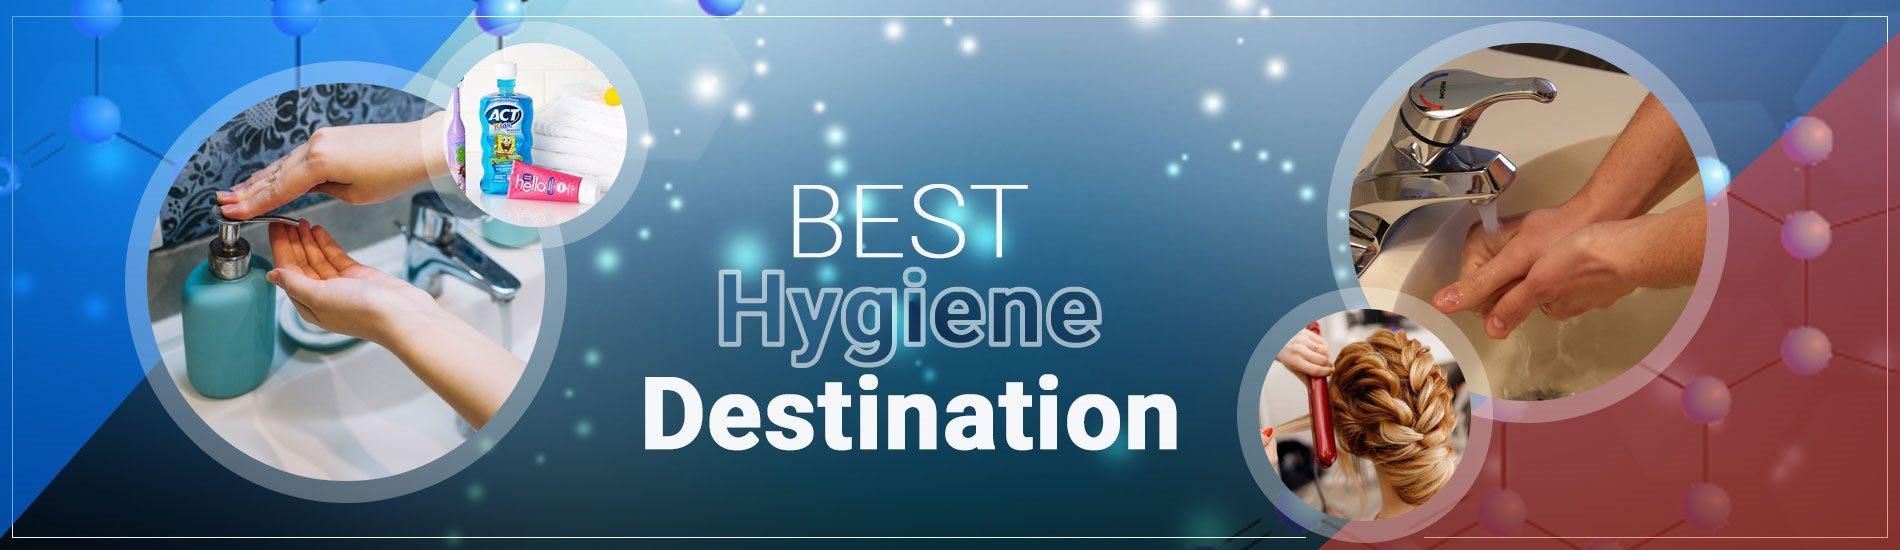 Hygiene Destination